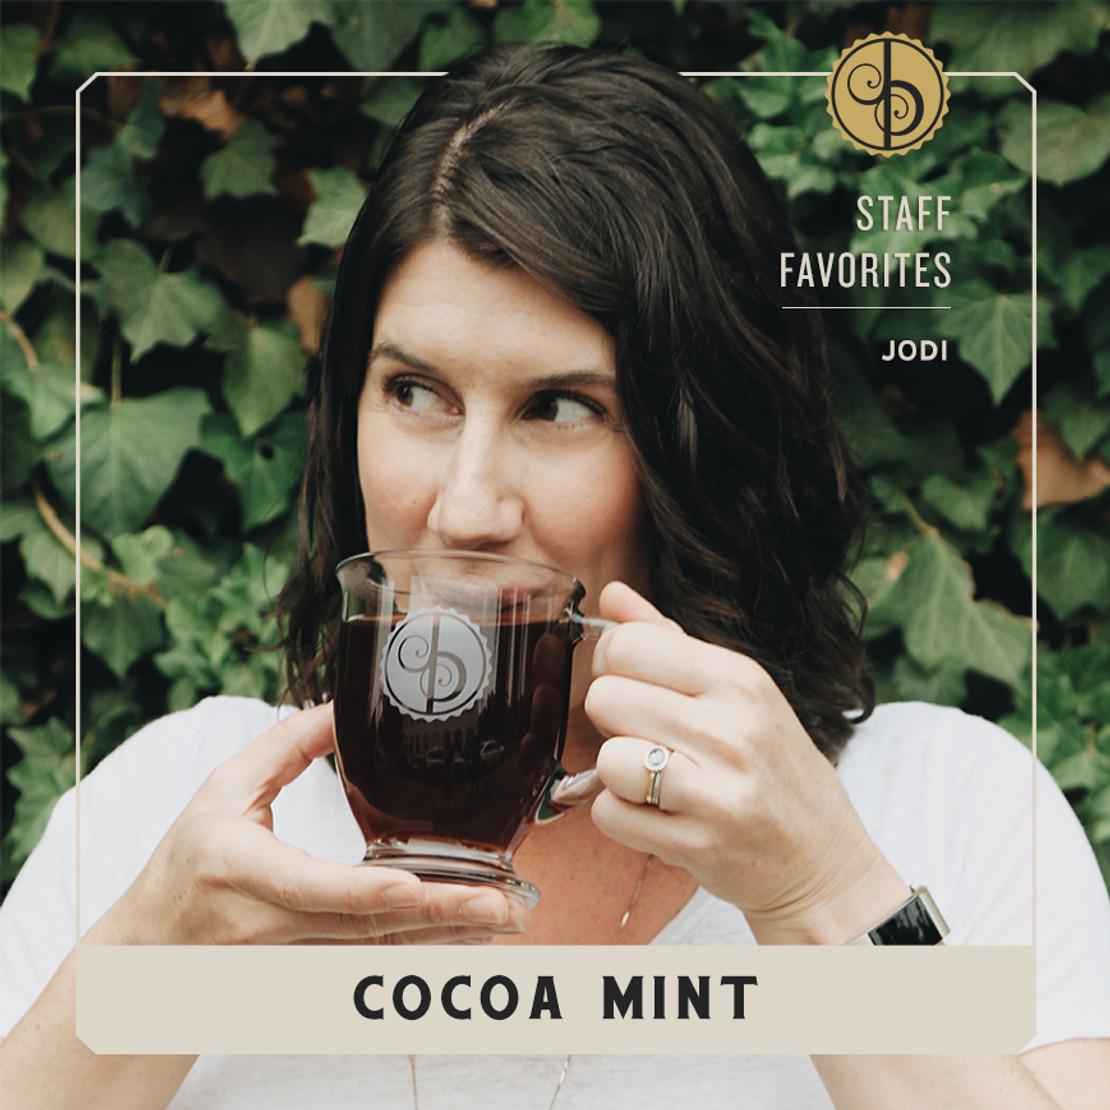 Staff Favorites: Jodi & Cocoa Mint